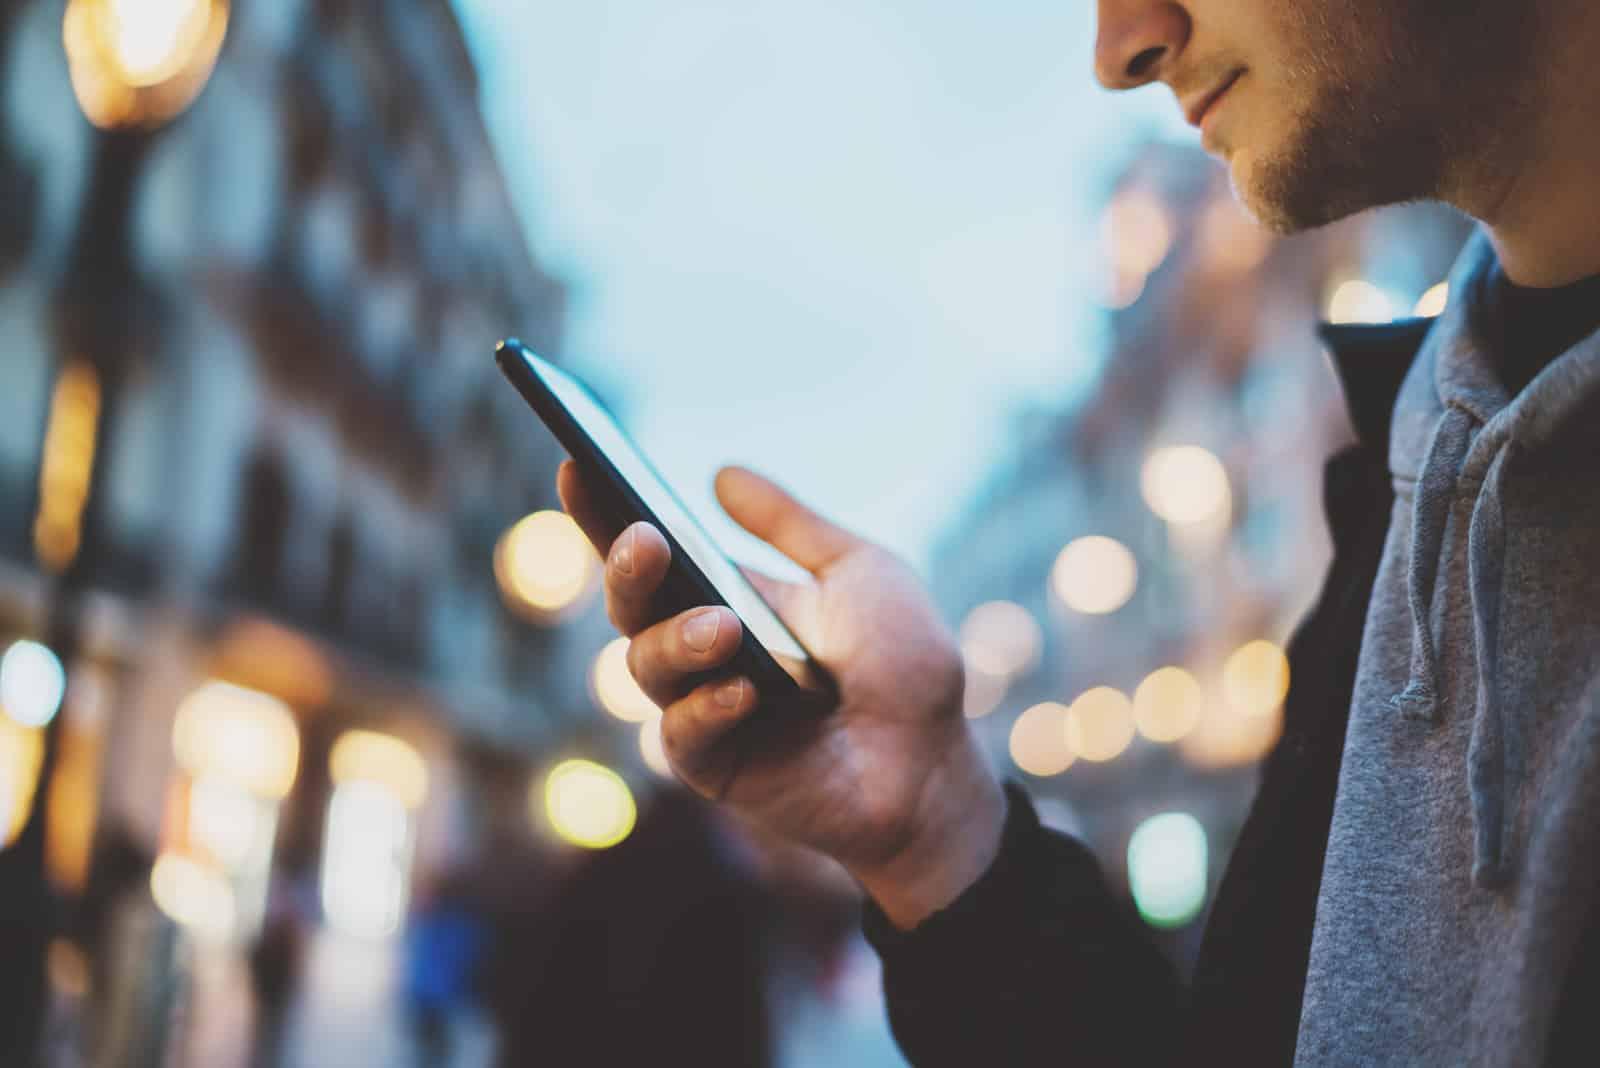 homme utilisant un smartphone dans la rue de la ville de nuit